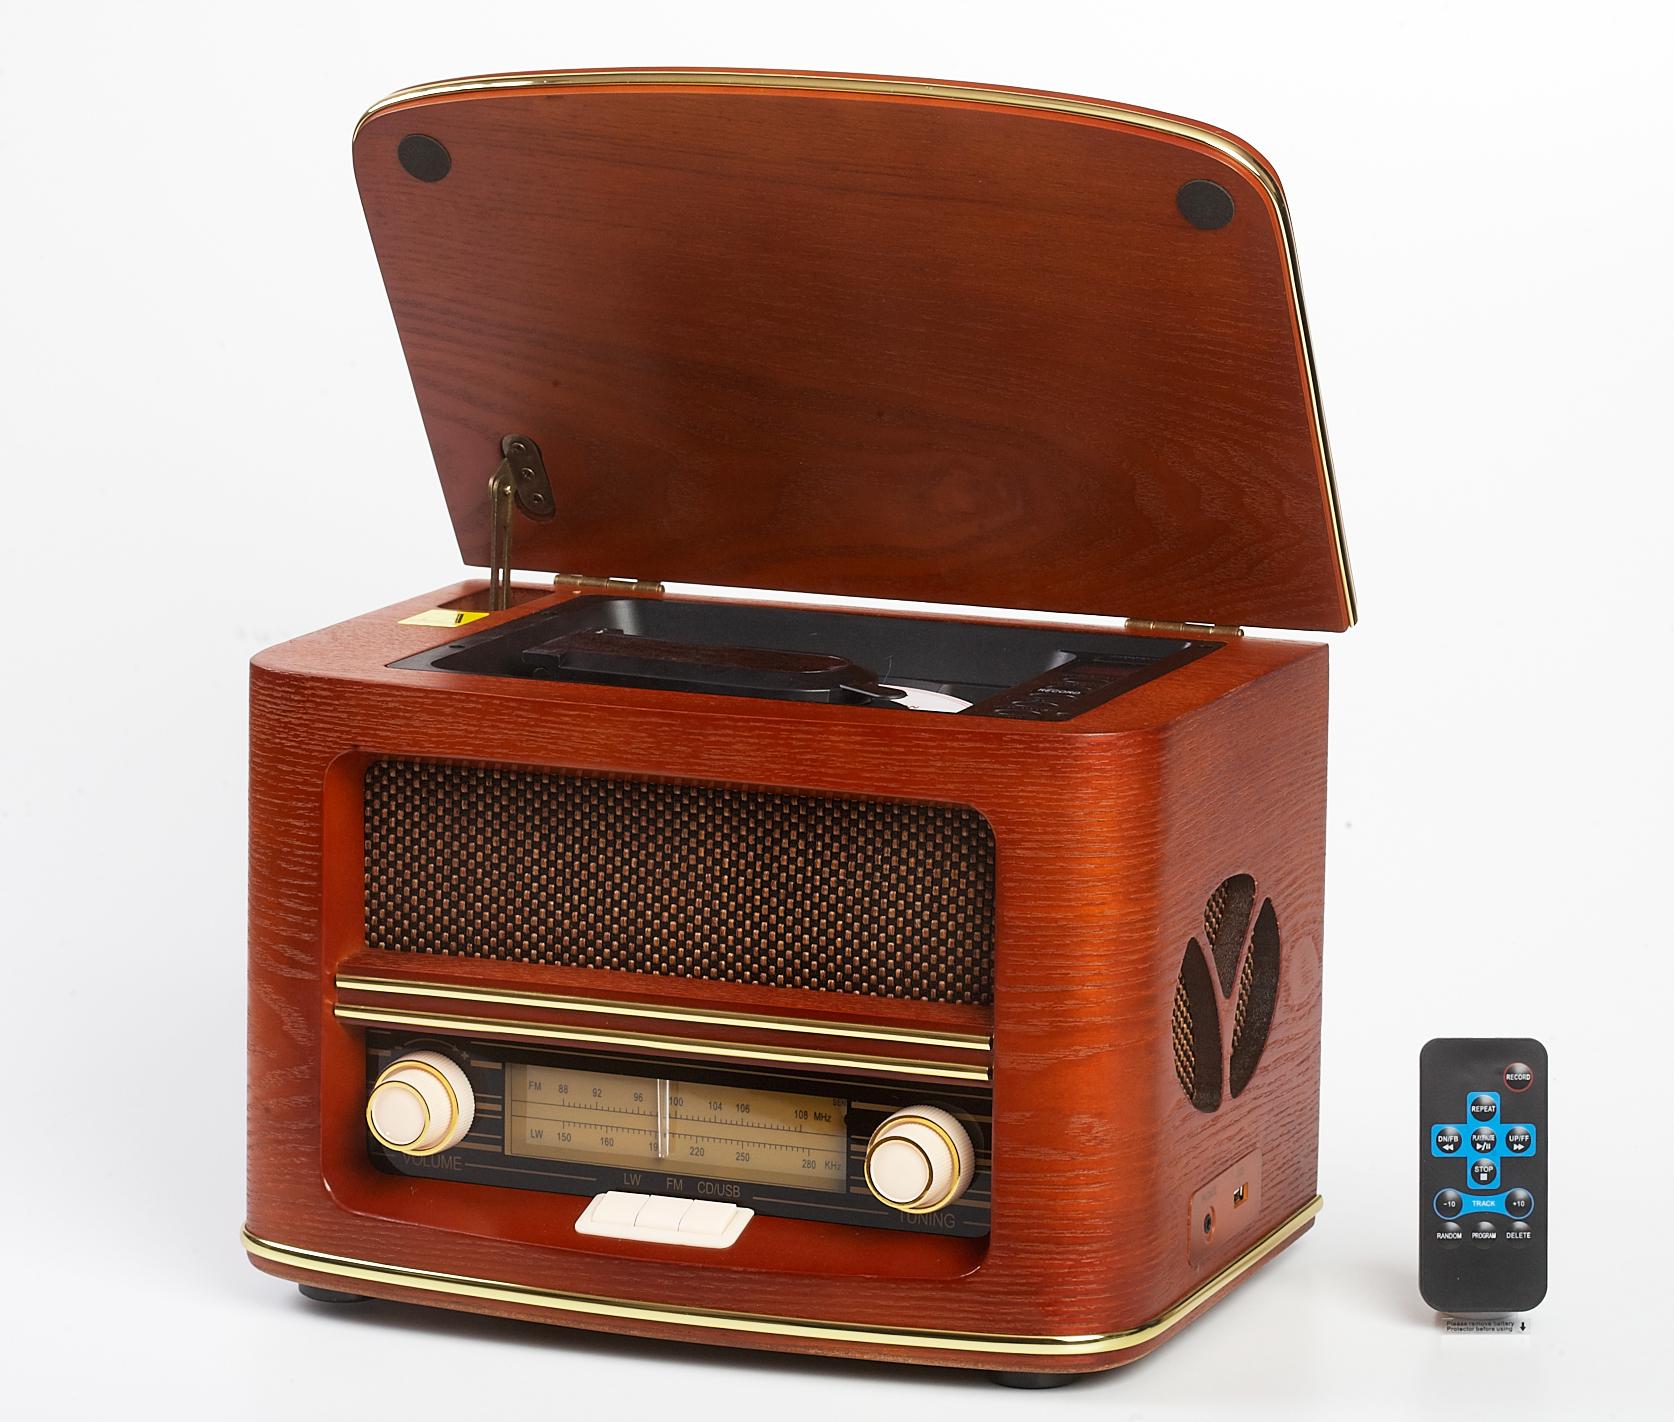 Camry CR 1115 Retro radio radio, radiopulksteņi